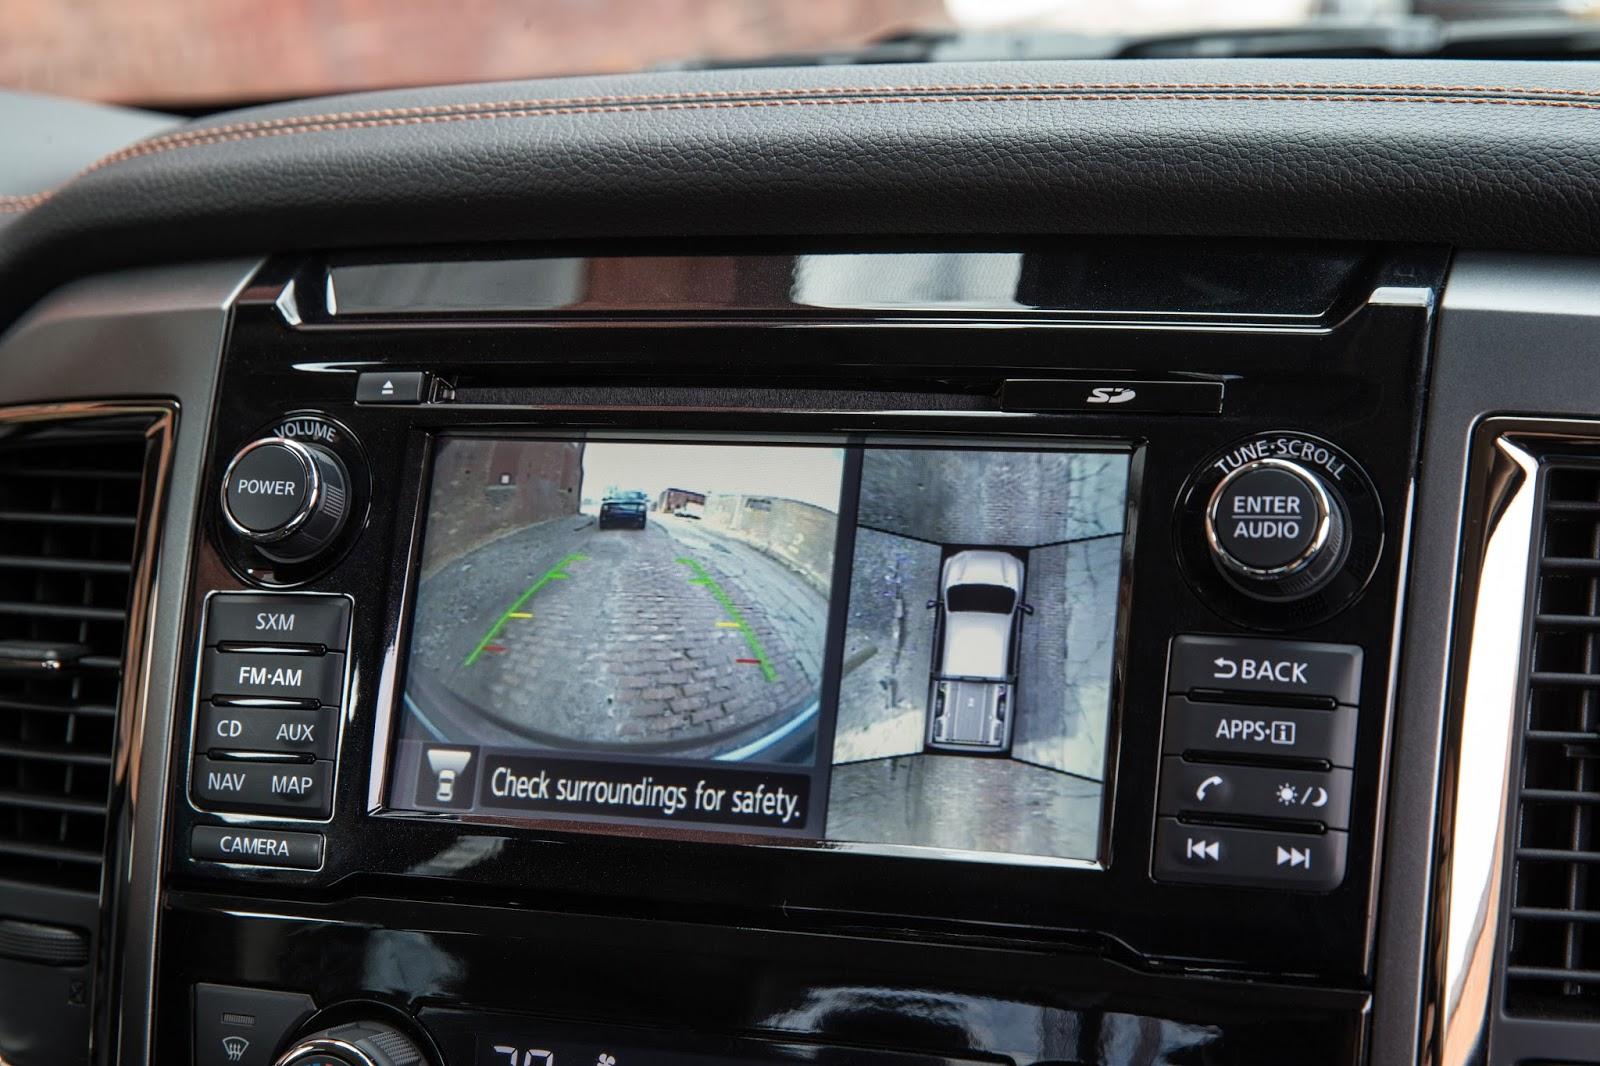 2012 Nissan Titan Sv 4X4 hd photo